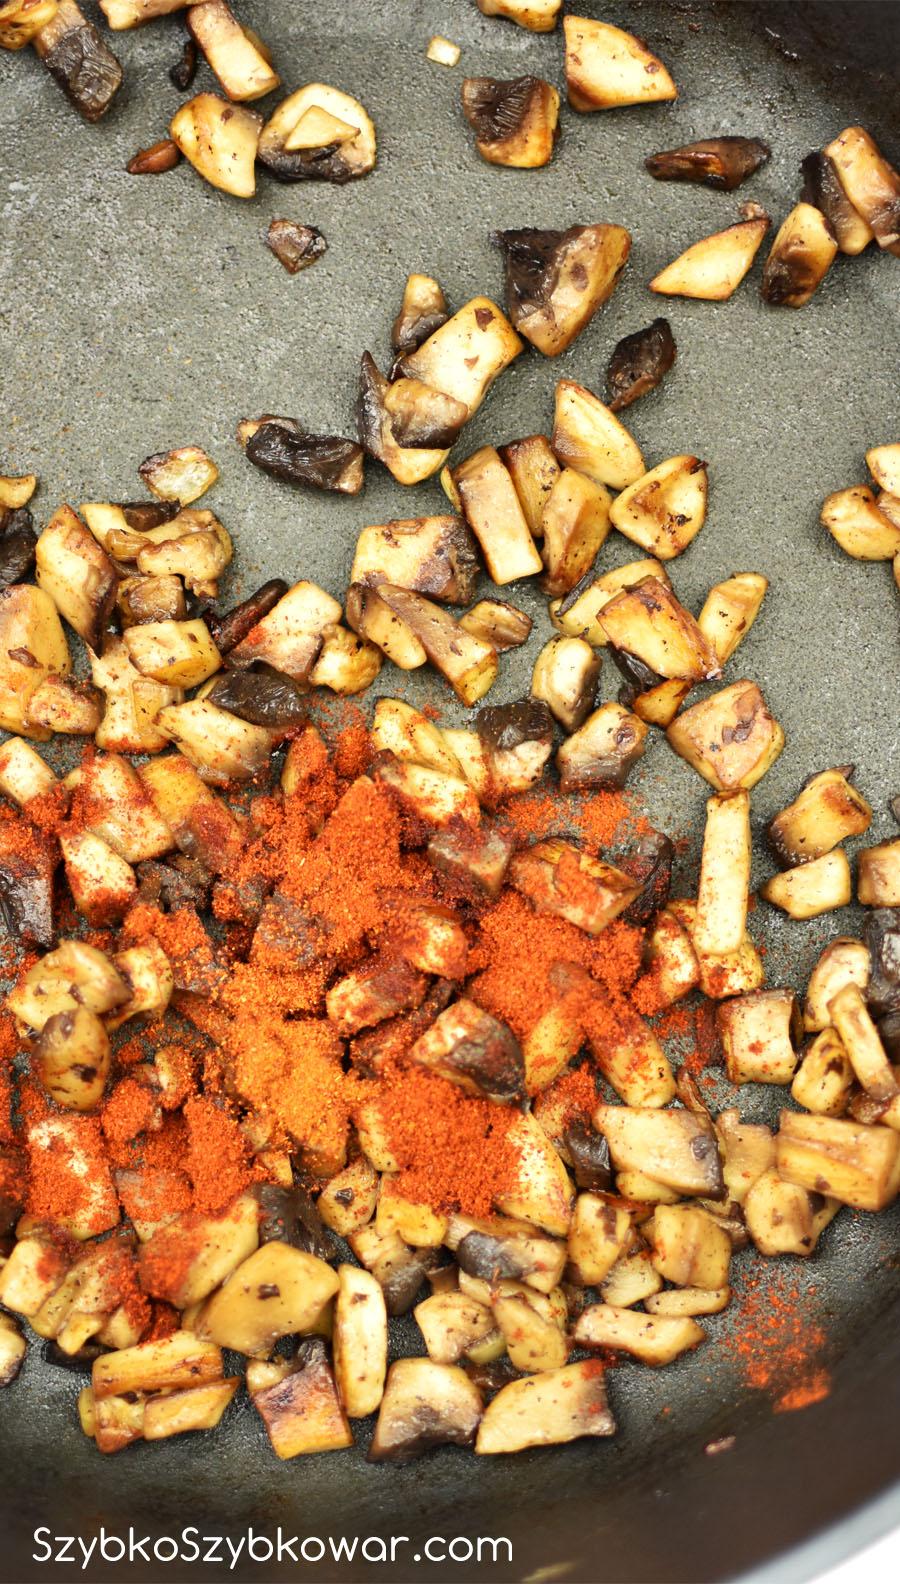 Papryka słodka i ostra dodana do podsmażonych pieczarek.